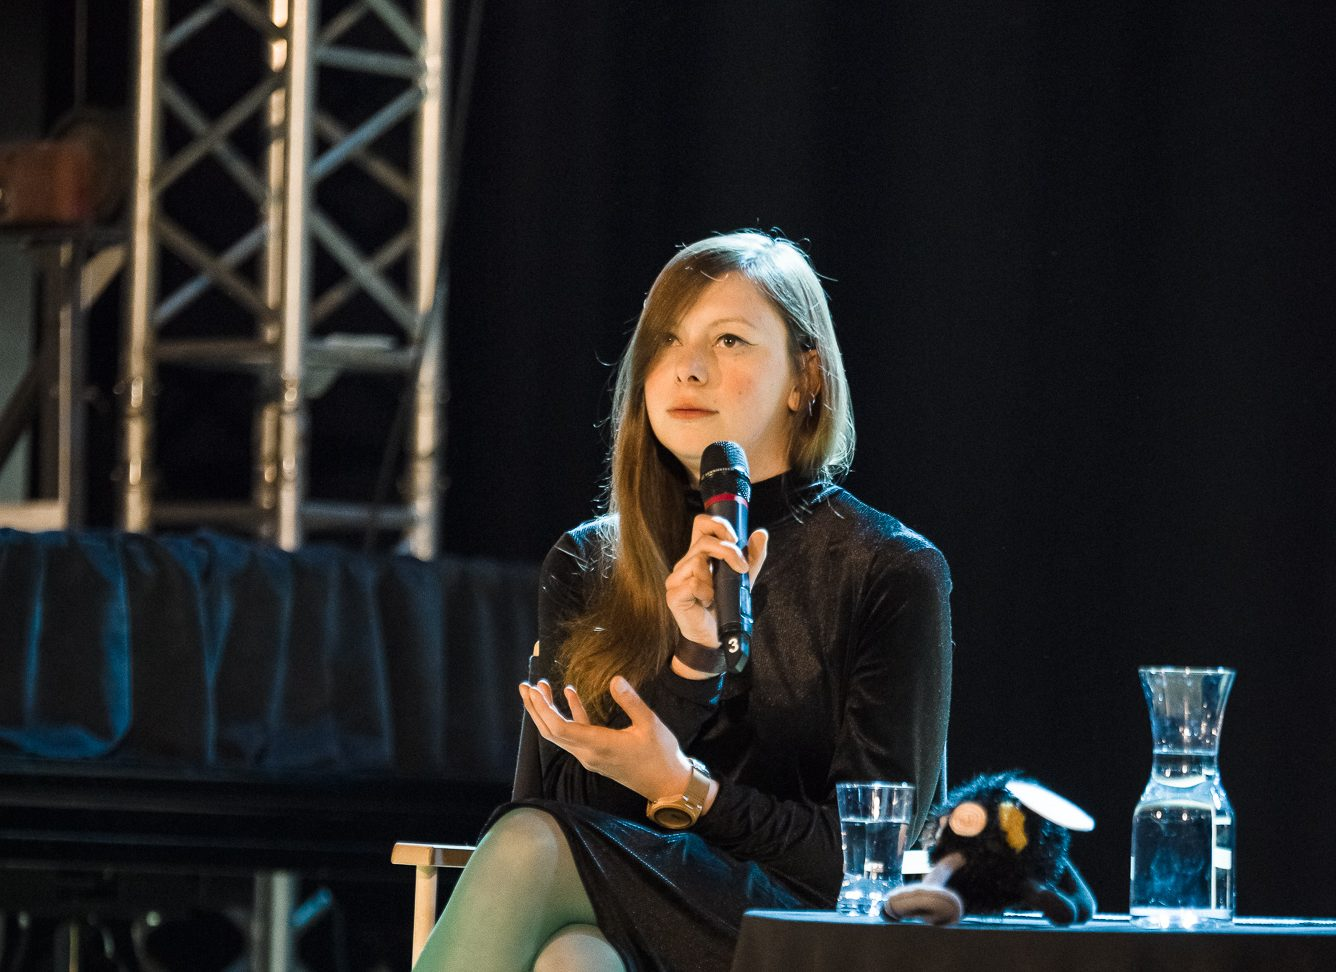 Fotografia: Agnieszka Jakimiak